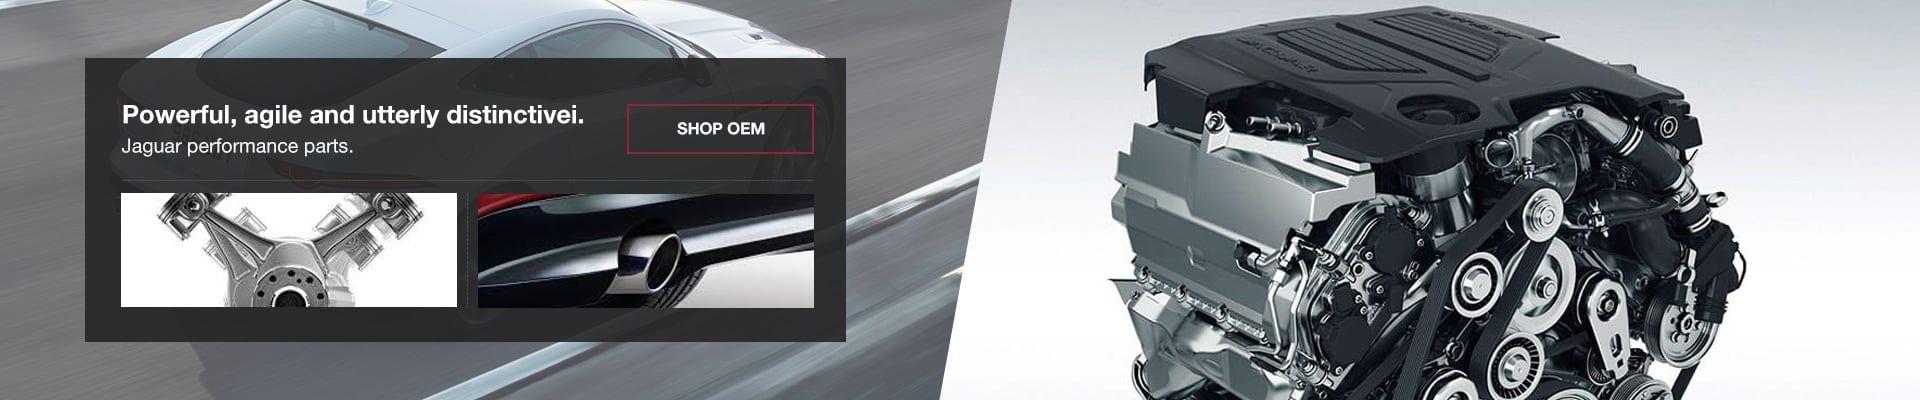 Jaguar OEM Performance Parts